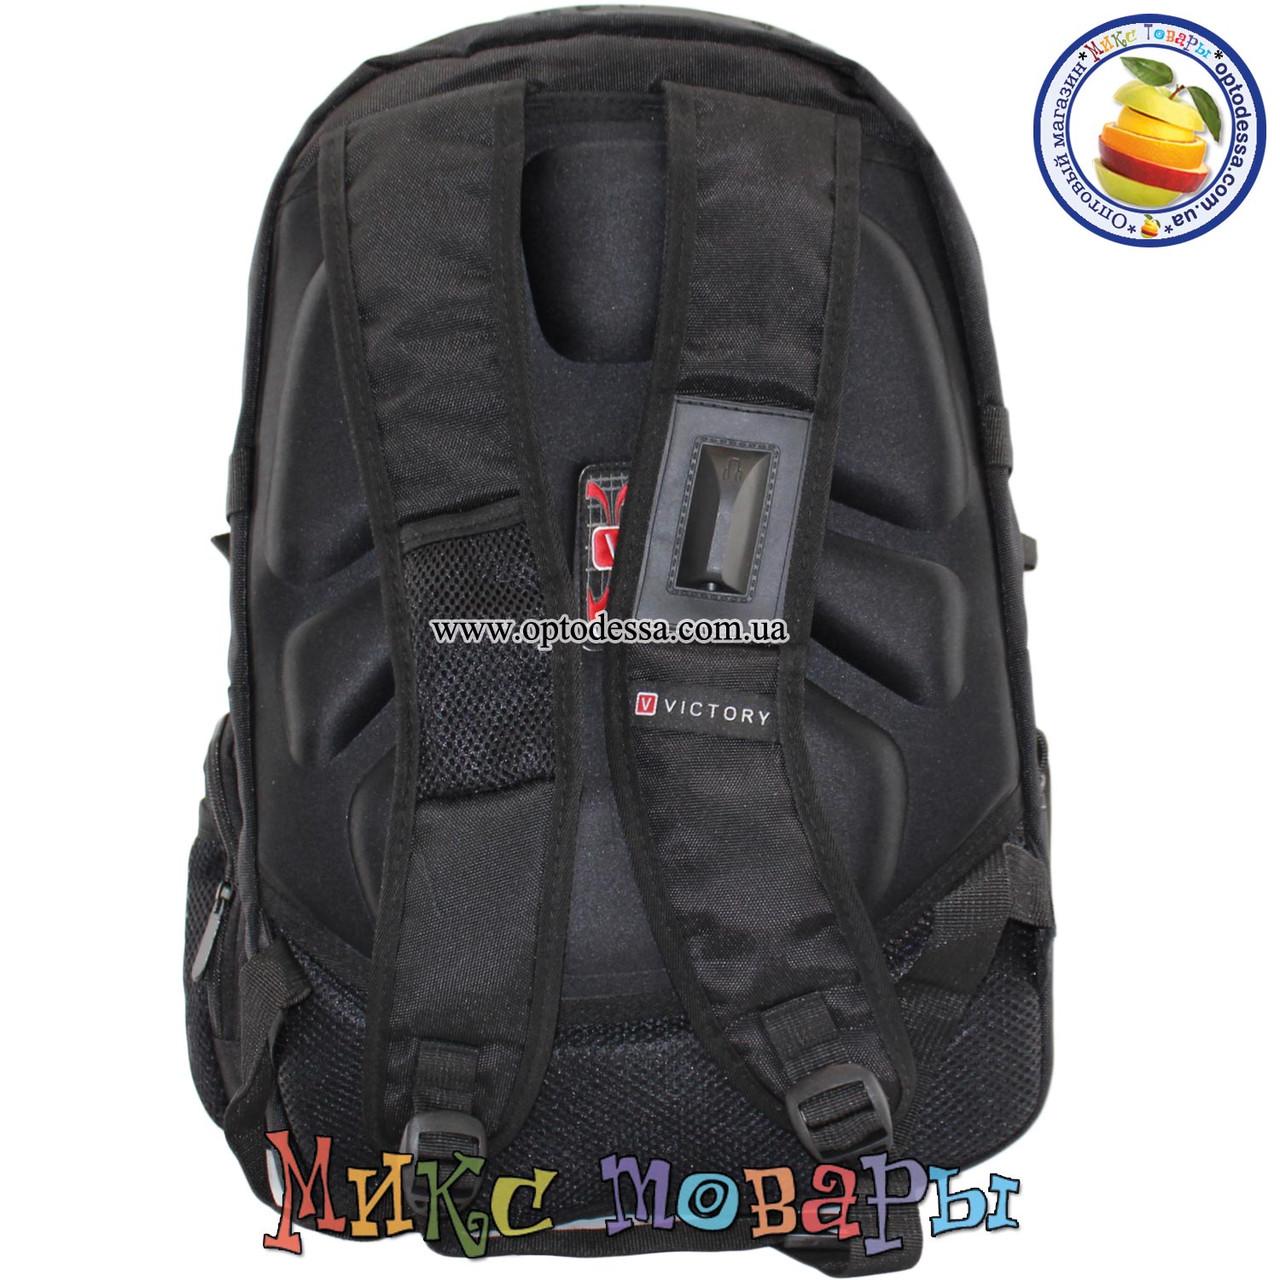 Городские рюкзаки для взрослых kokosina рюкзаки купить в спб